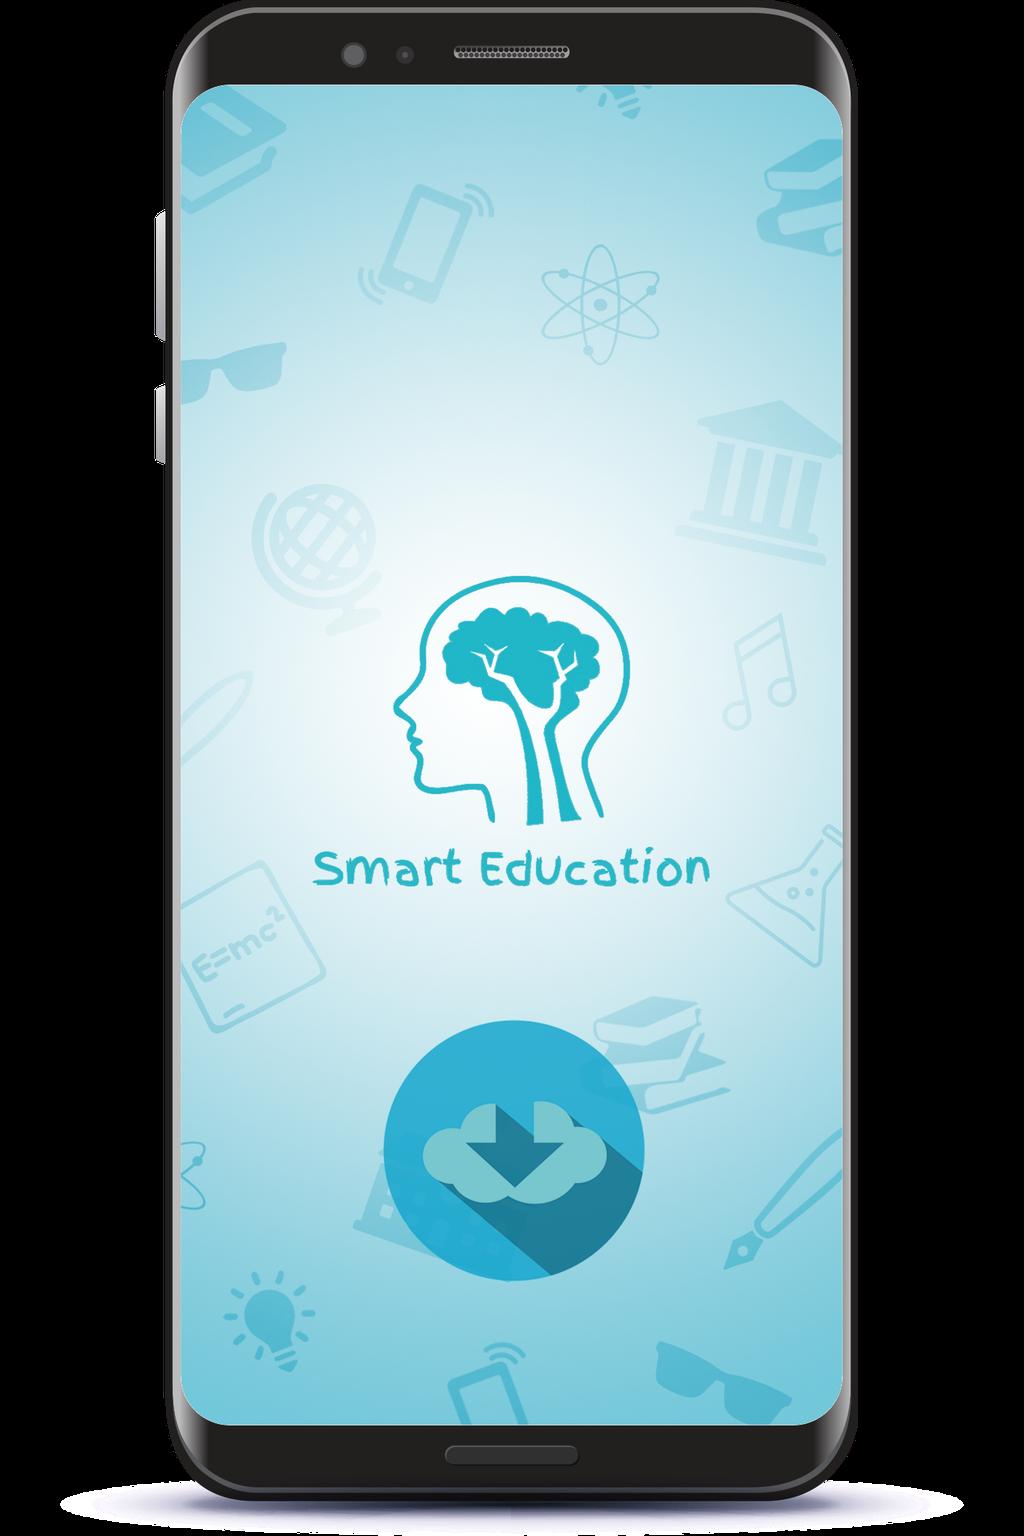 Smart Education App Samsung S9